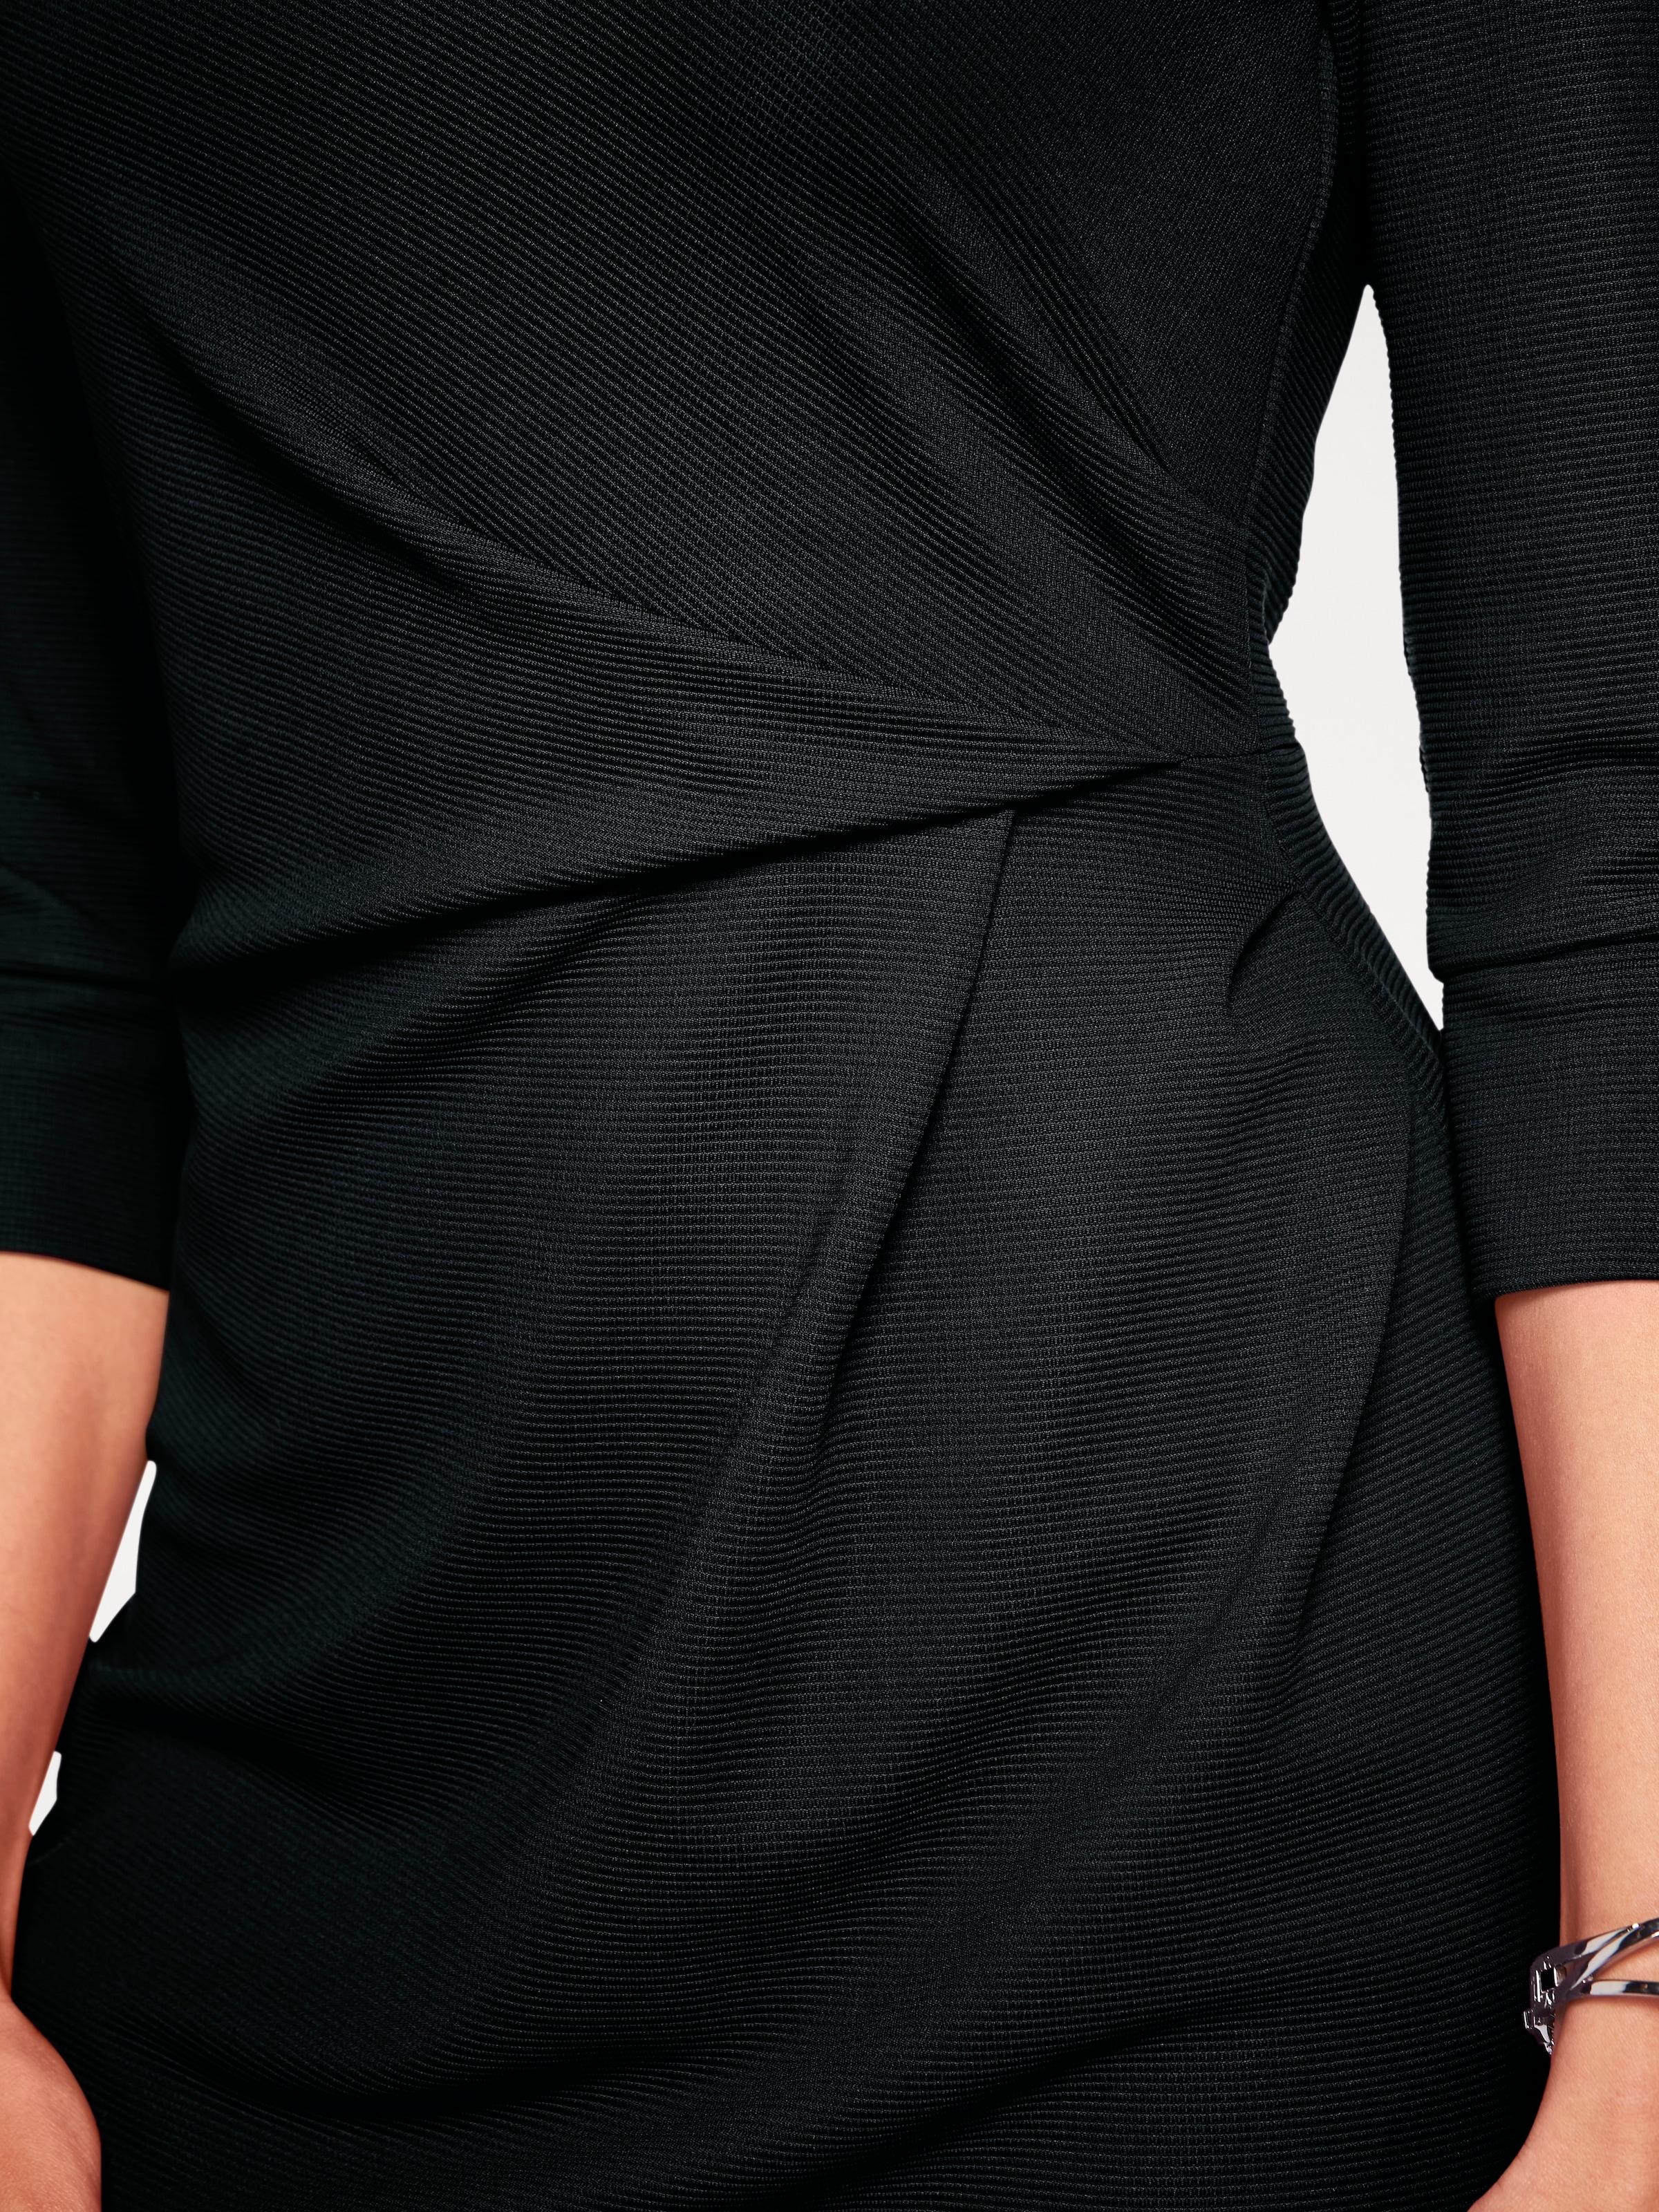 Geniue Händler Schnell Express Ashley Brooke by heine Jerseykleid mit Raffungen Günstiger Preis Store Günstiger Preis Aus Deutschland Rabatt Ebay pqpFFBOVl